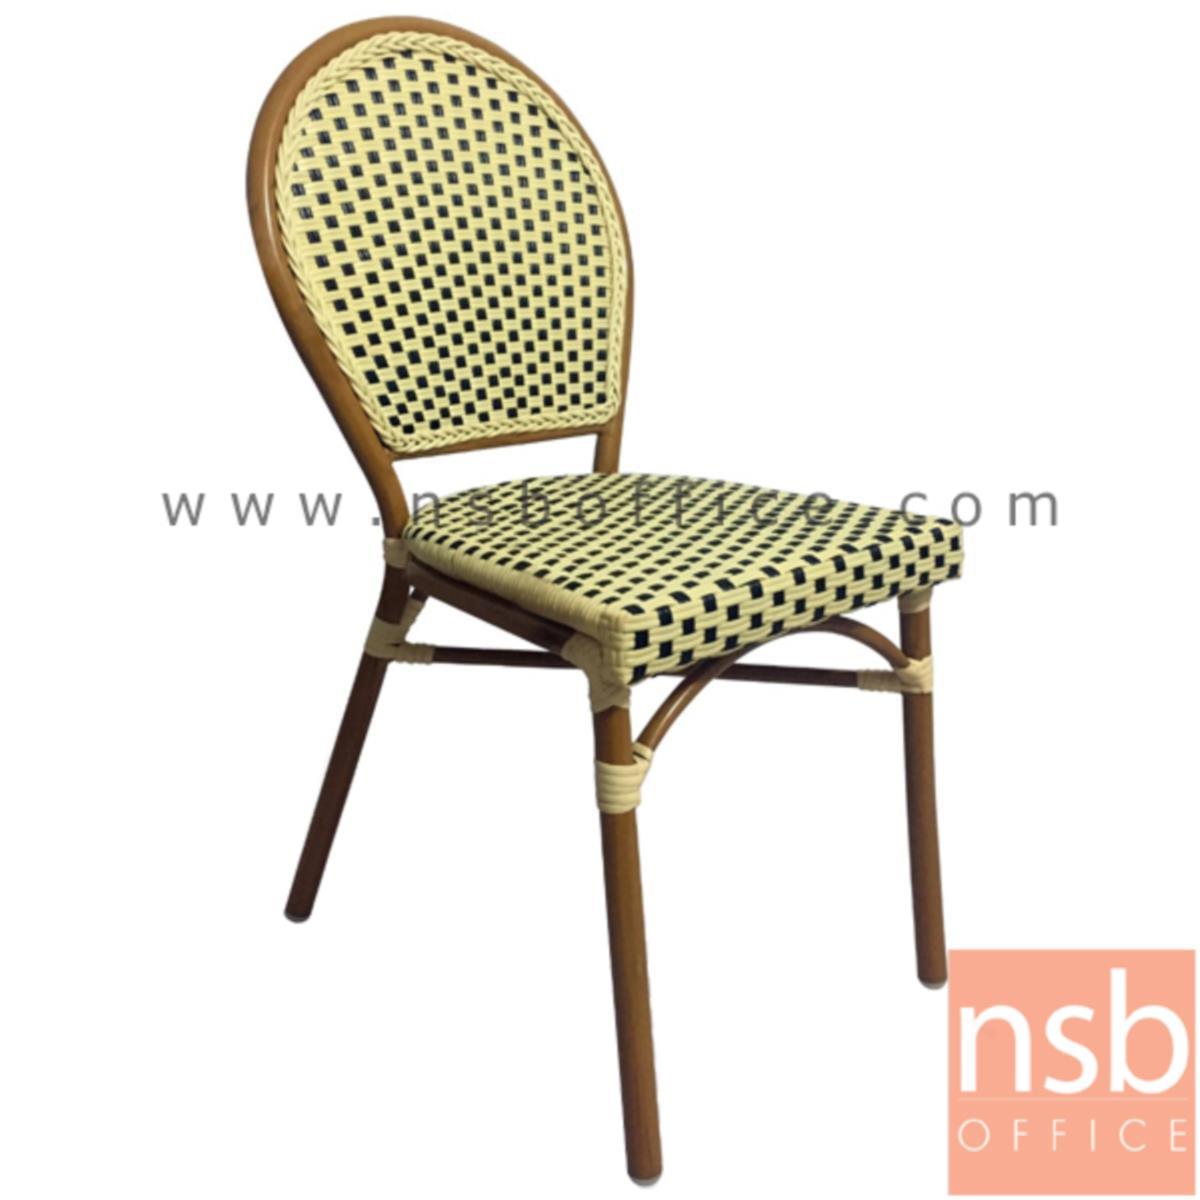 เก้าอี้สนามหวายเทียมสาน รุ่น General lite ไม่มีท้าวแขน (ใช้กับโต๊ะหวายฯ รุ่น G08A235)